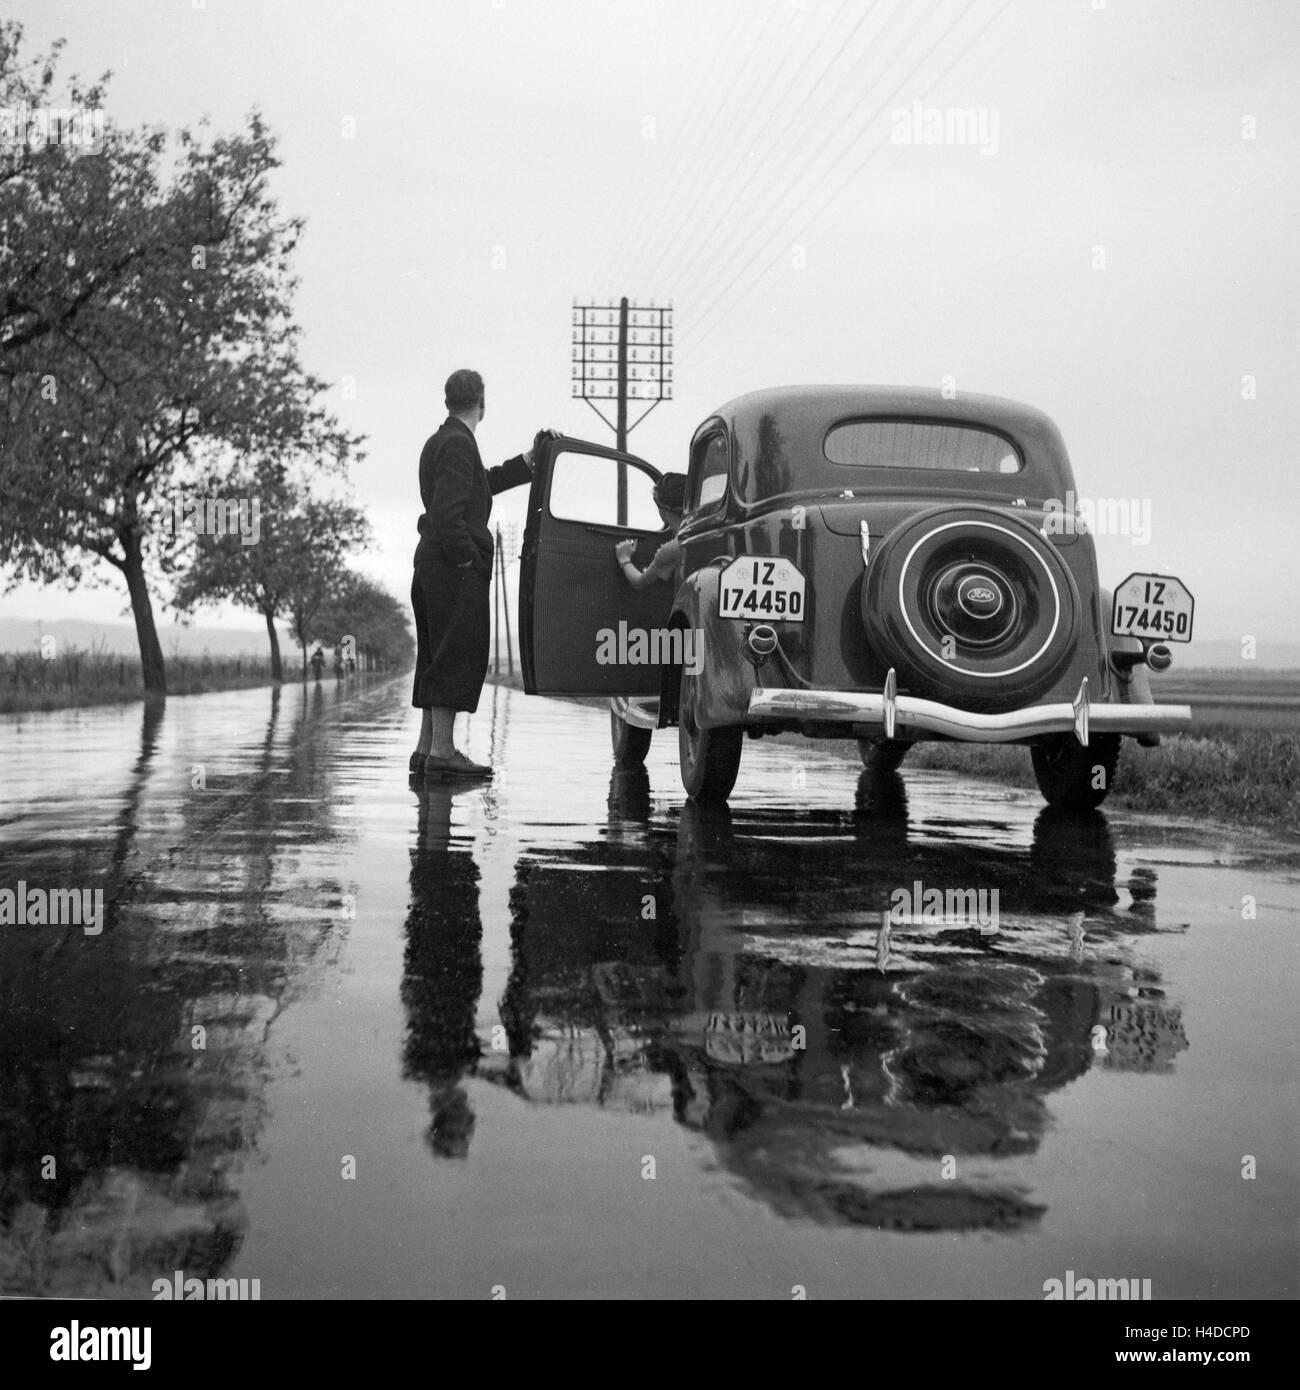 Mit Dem Ford V8 Auf Regennasser Fahrbahn, 1930er Jahre Deutschland. Mit dem Ford V8 auf einer nassen Straße, Stockbild